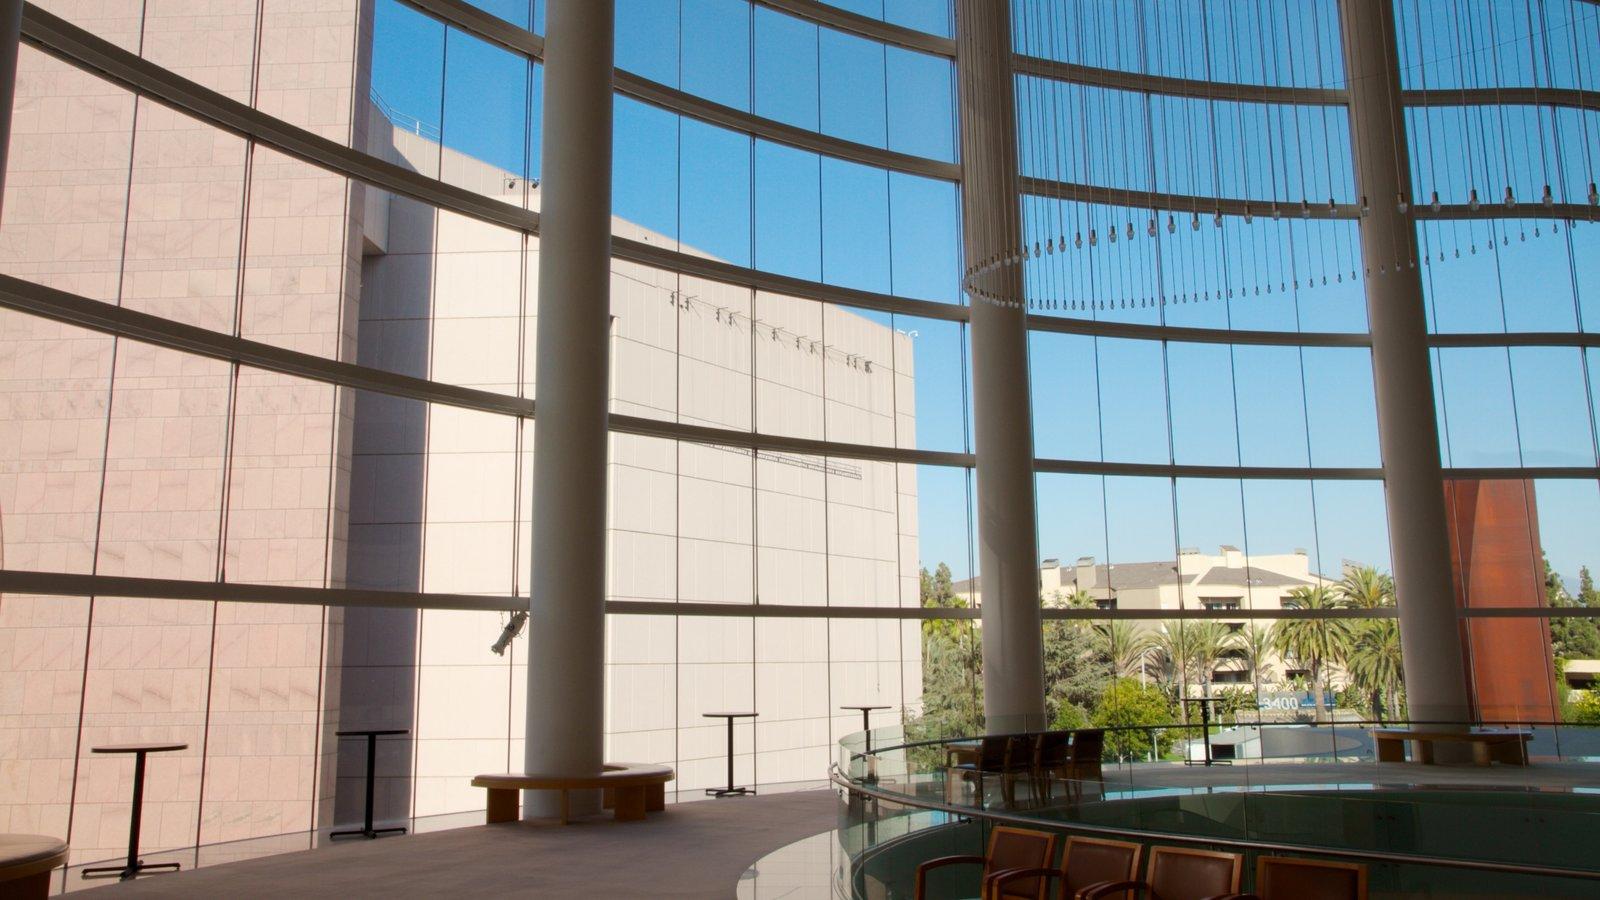 Segerstrom Center for the Arts caracterizando arquitetura moderna e vistas internas